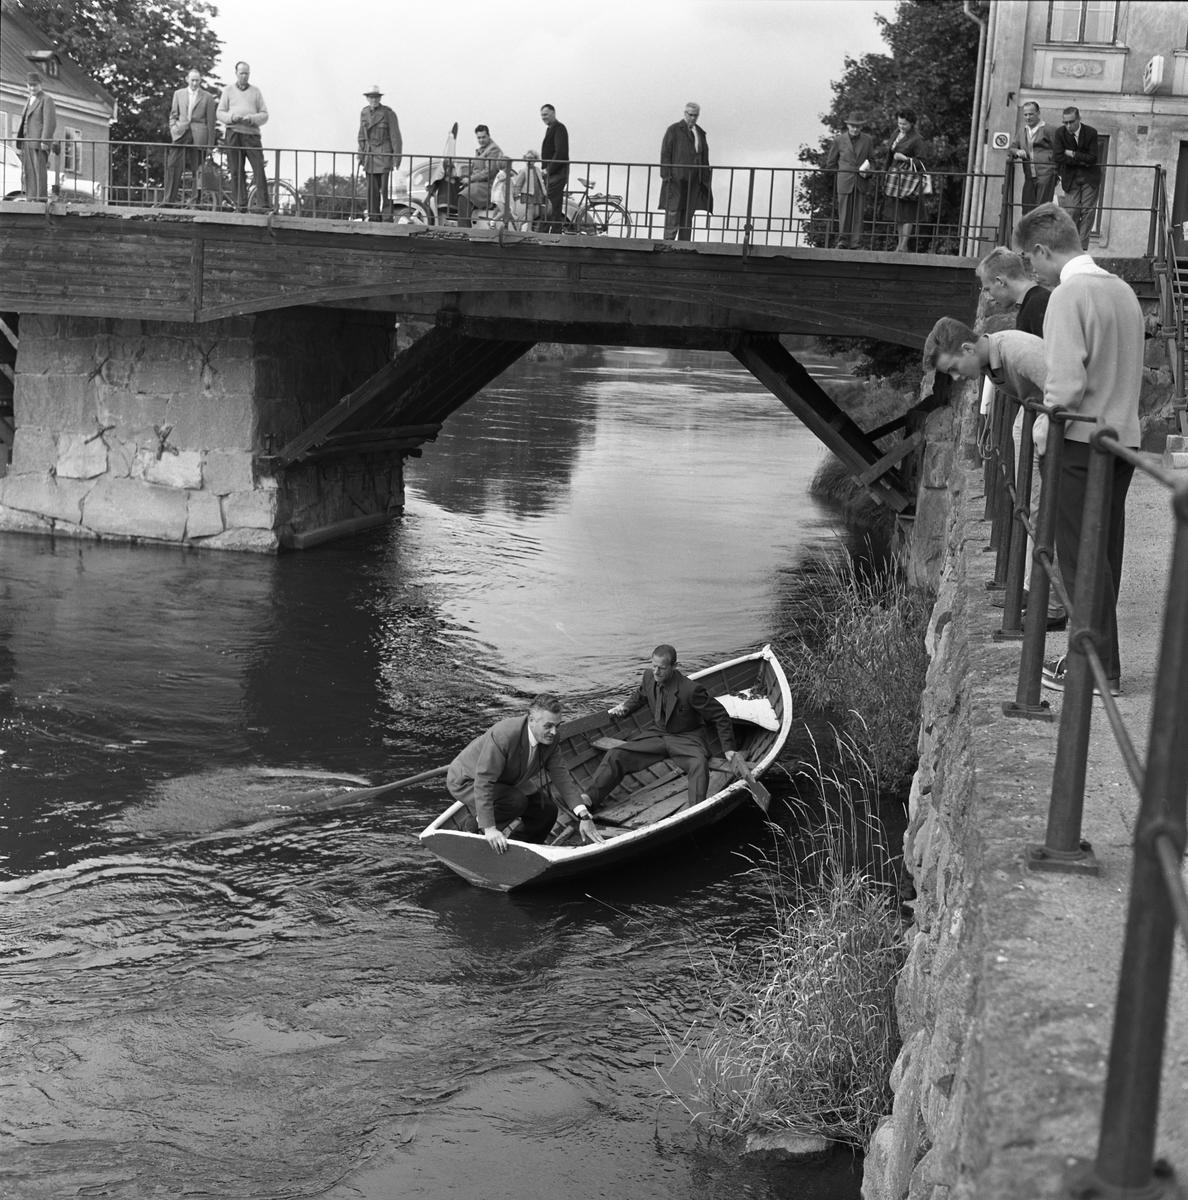 En katt har fallit i ån! Polismännen tar räddningsbåten för att komma till undsättning. Ragnar Hedin ska fånga in Måns och Ivan Pettersson sköter årorna. Publik har samlats på Kapellbron och Labron.